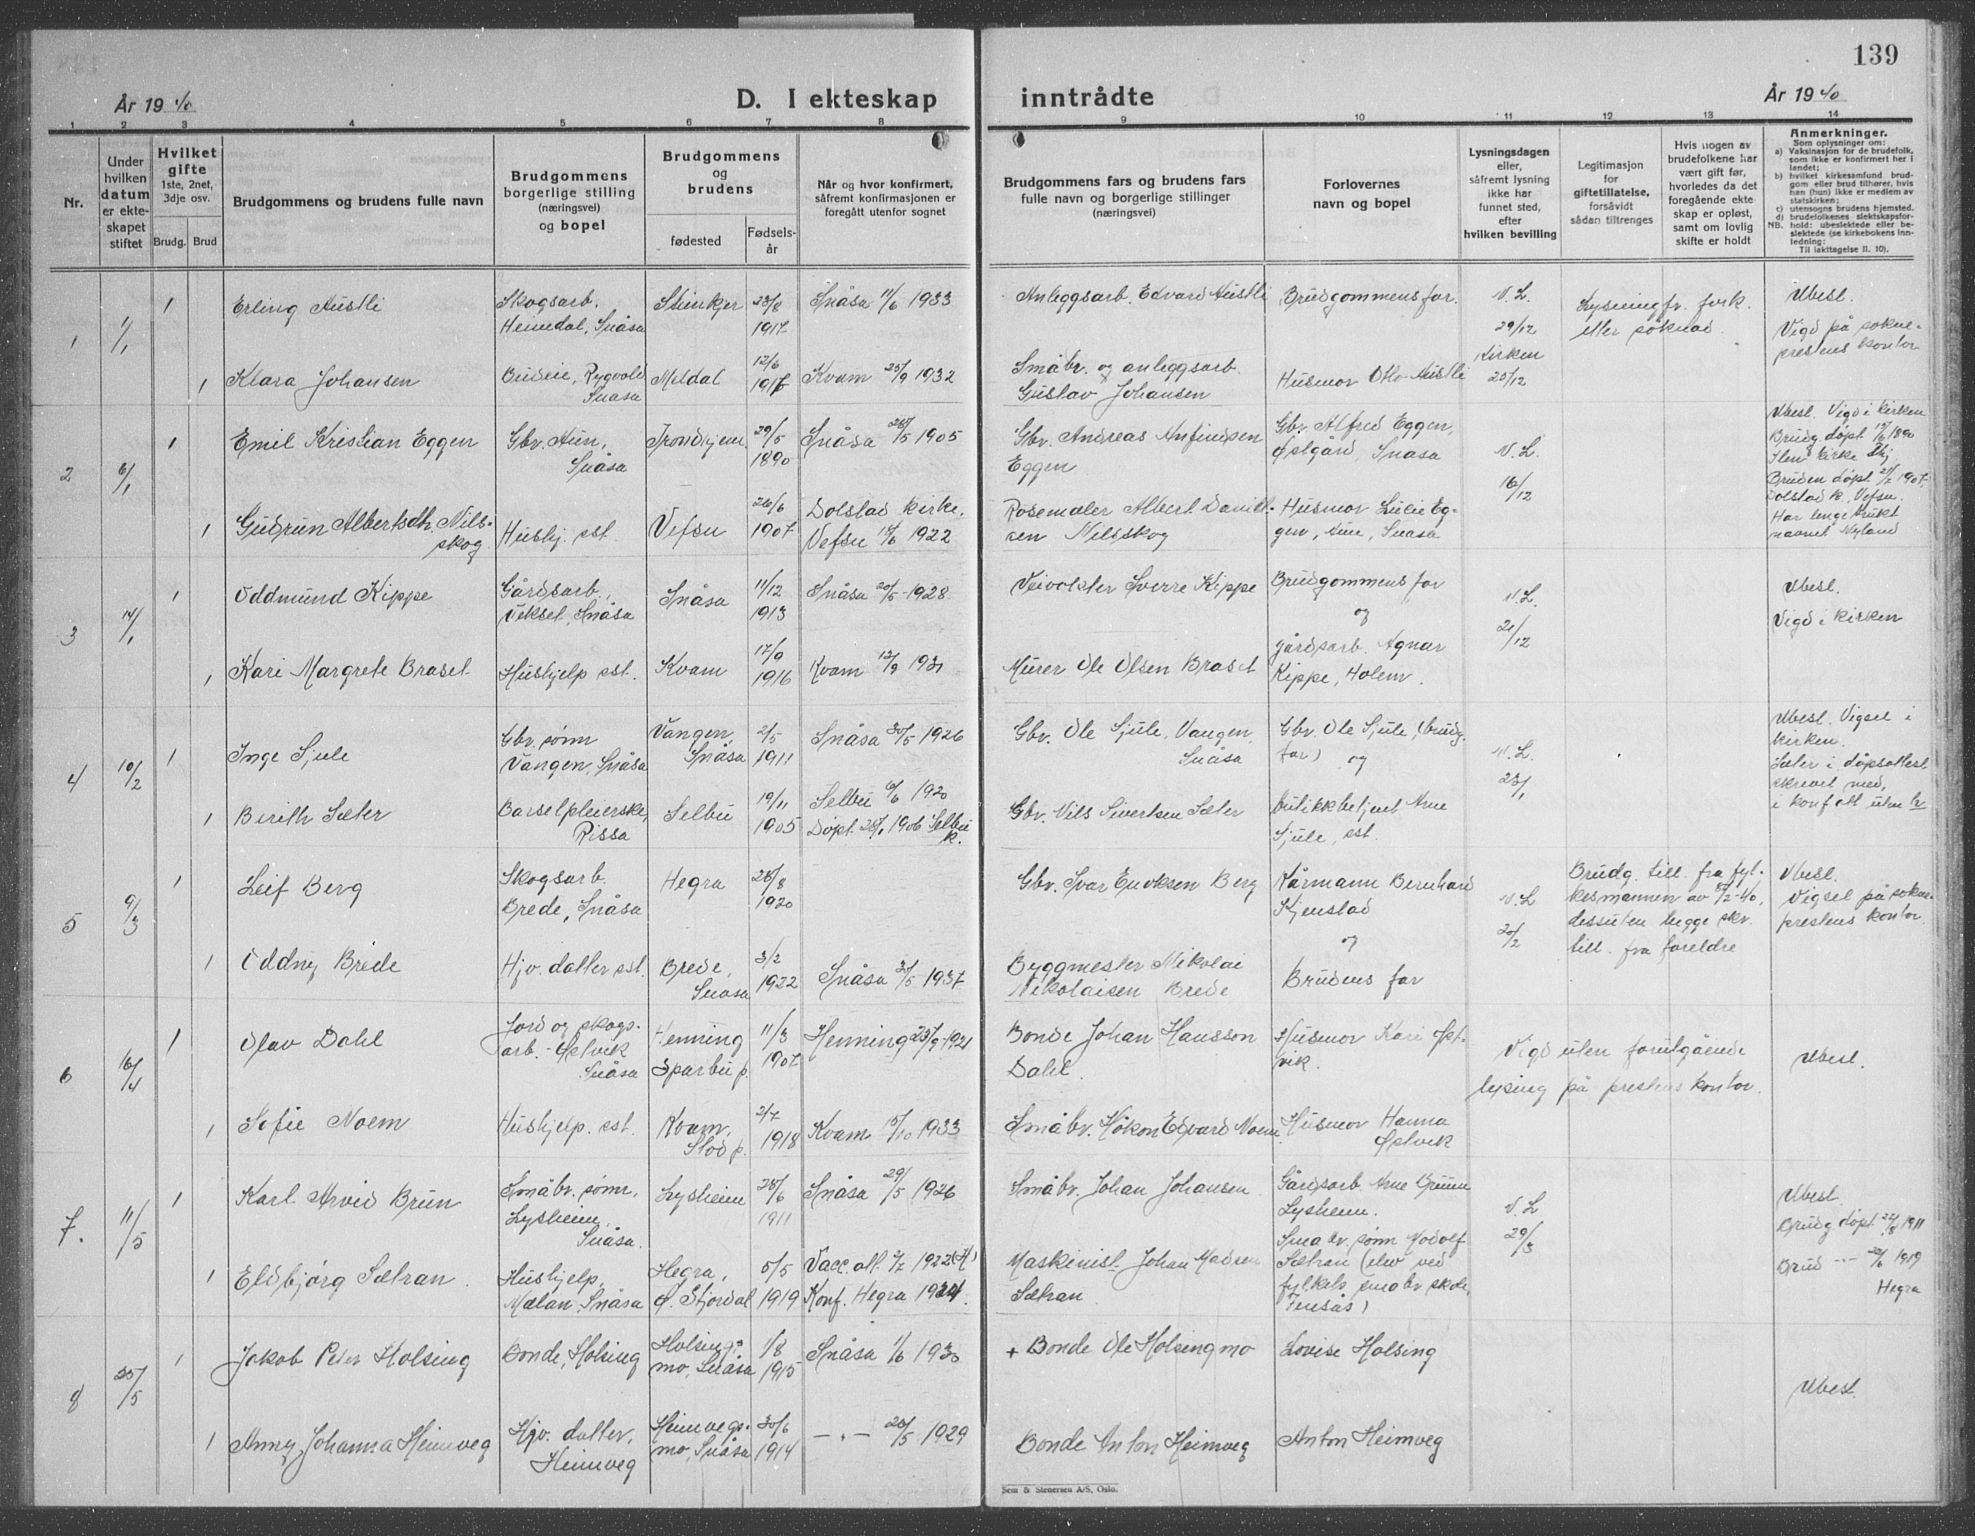 SAT, Ministerialprotokoller, klokkerbøker og fødselsregistre - Nord-Trøndelag, 749/L0481: Klokkerbok nr. 749C03, 1933-1945, s. 139